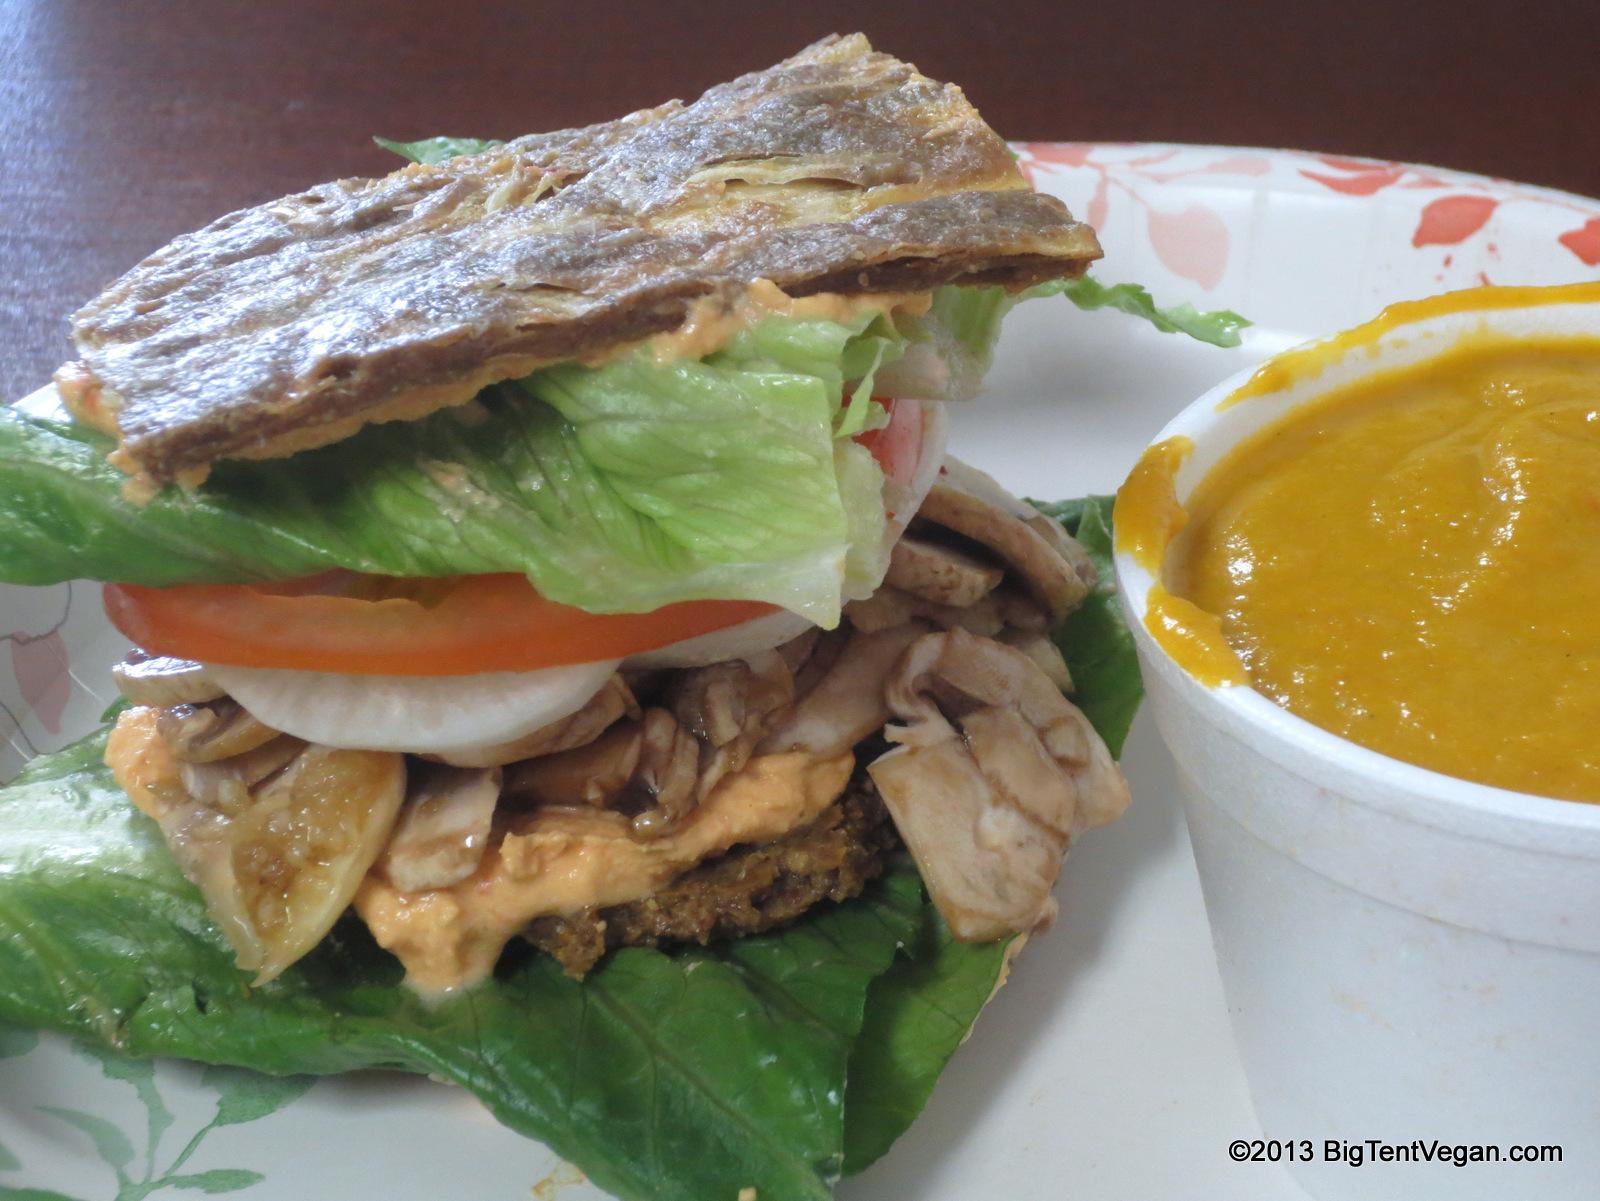 V'gos Raw Vegan Cheeseburger by Chef Tomas Zazycki of  Veggos  (Lake Forest, CA)